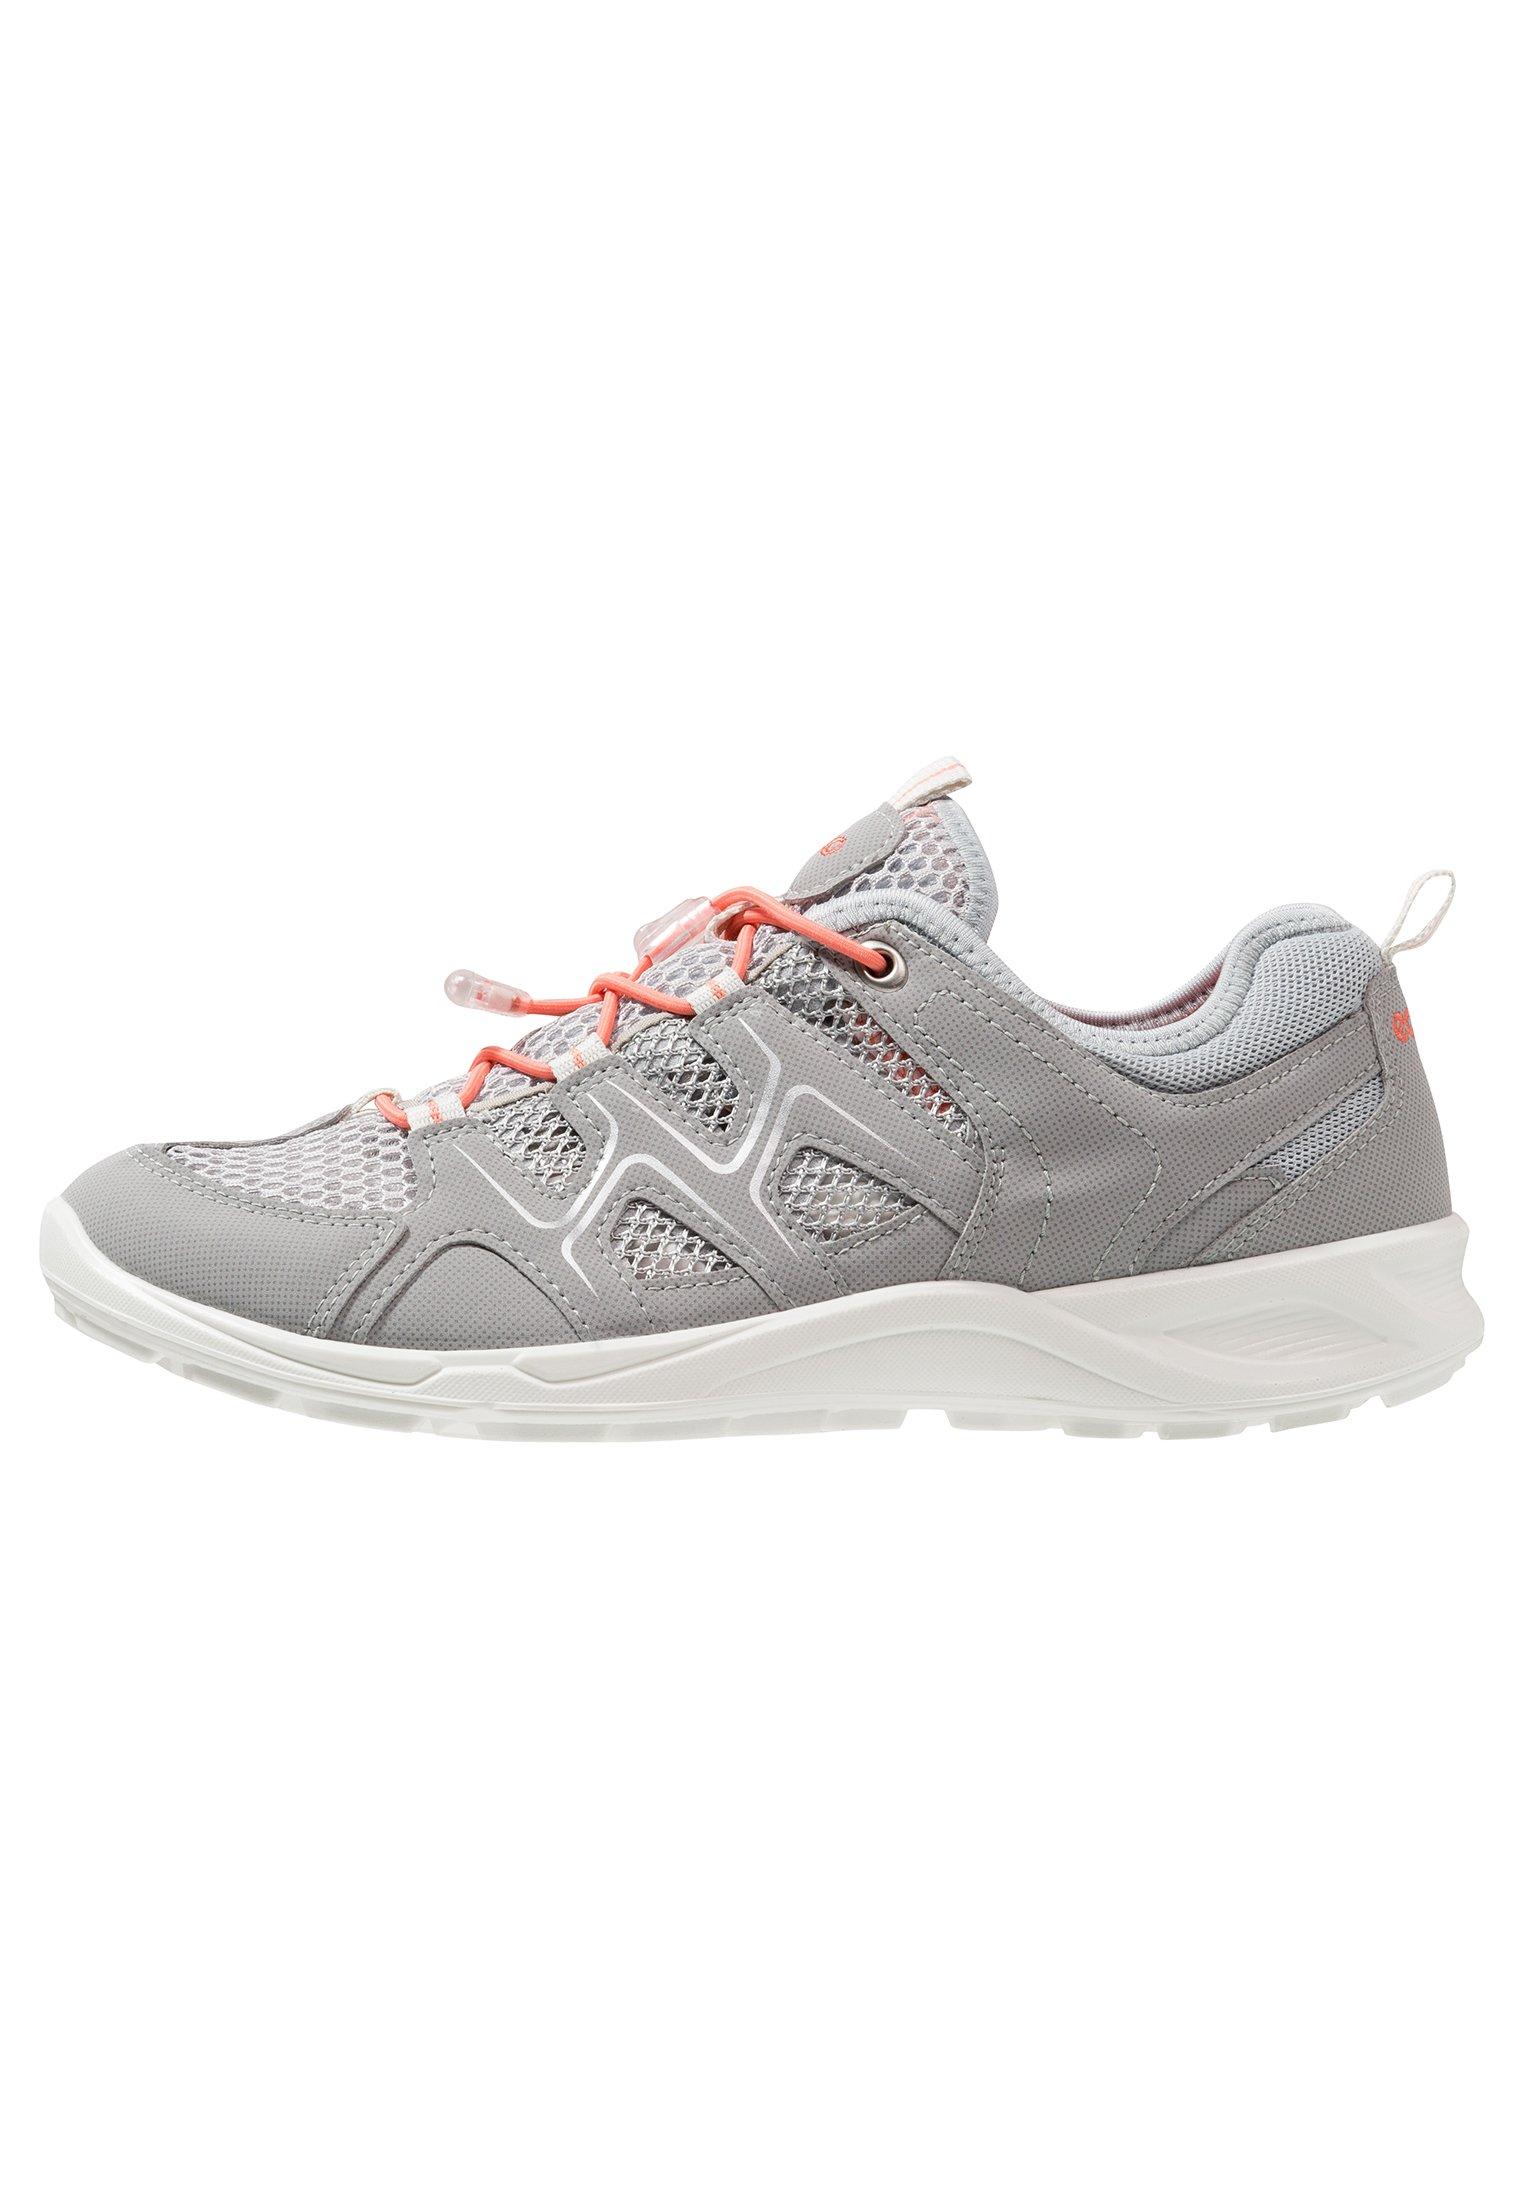 TERRACRUISE Hikingschuh silver greysilver metallic